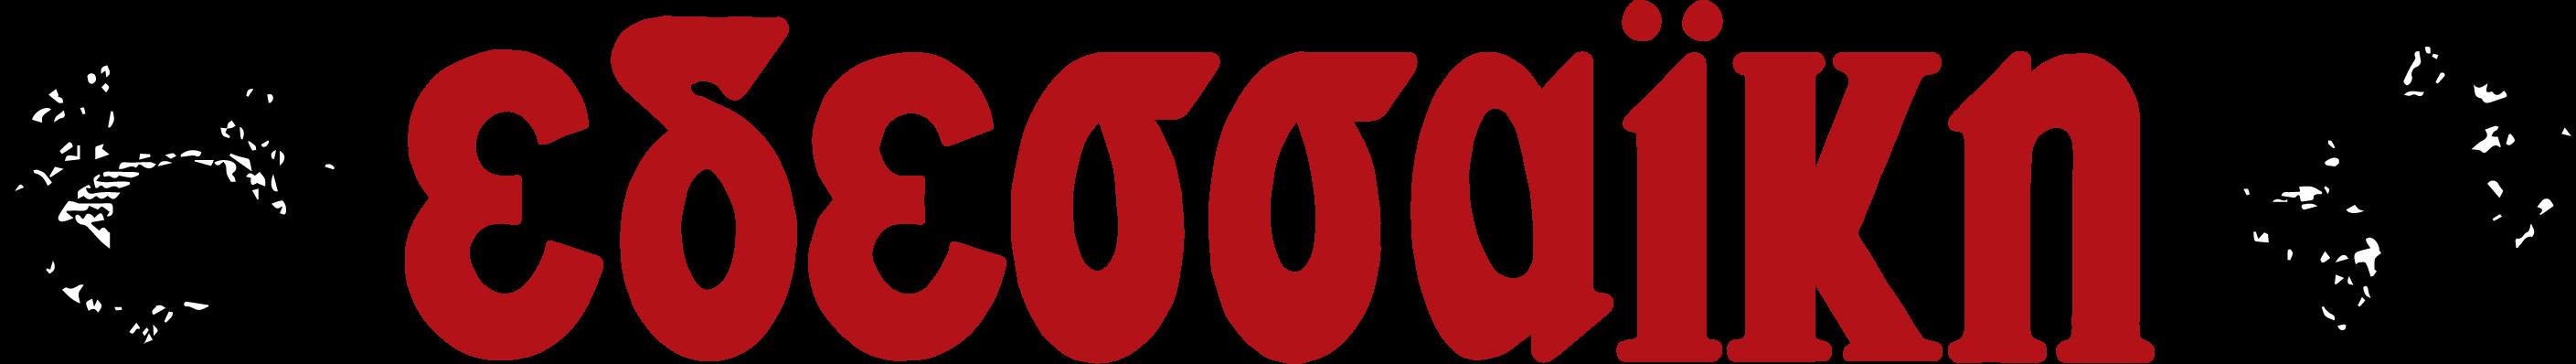 edessaiki logo